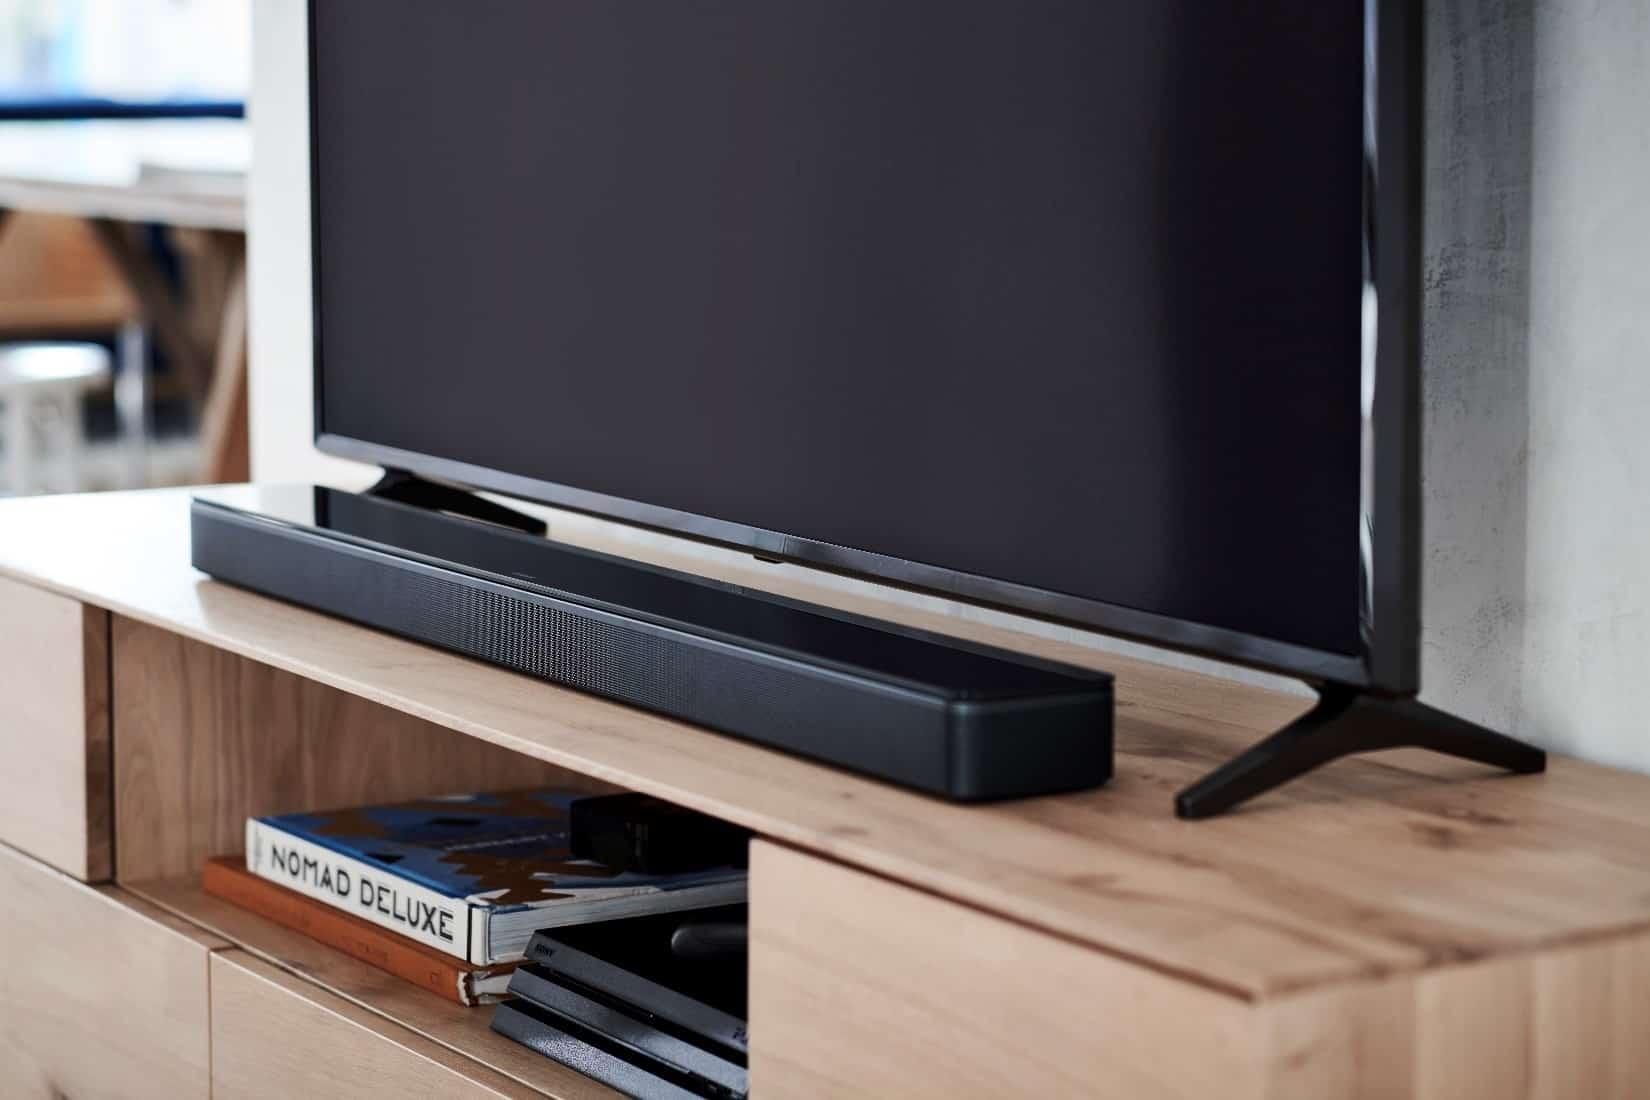 Bose Soundbar 700 Sound System Review